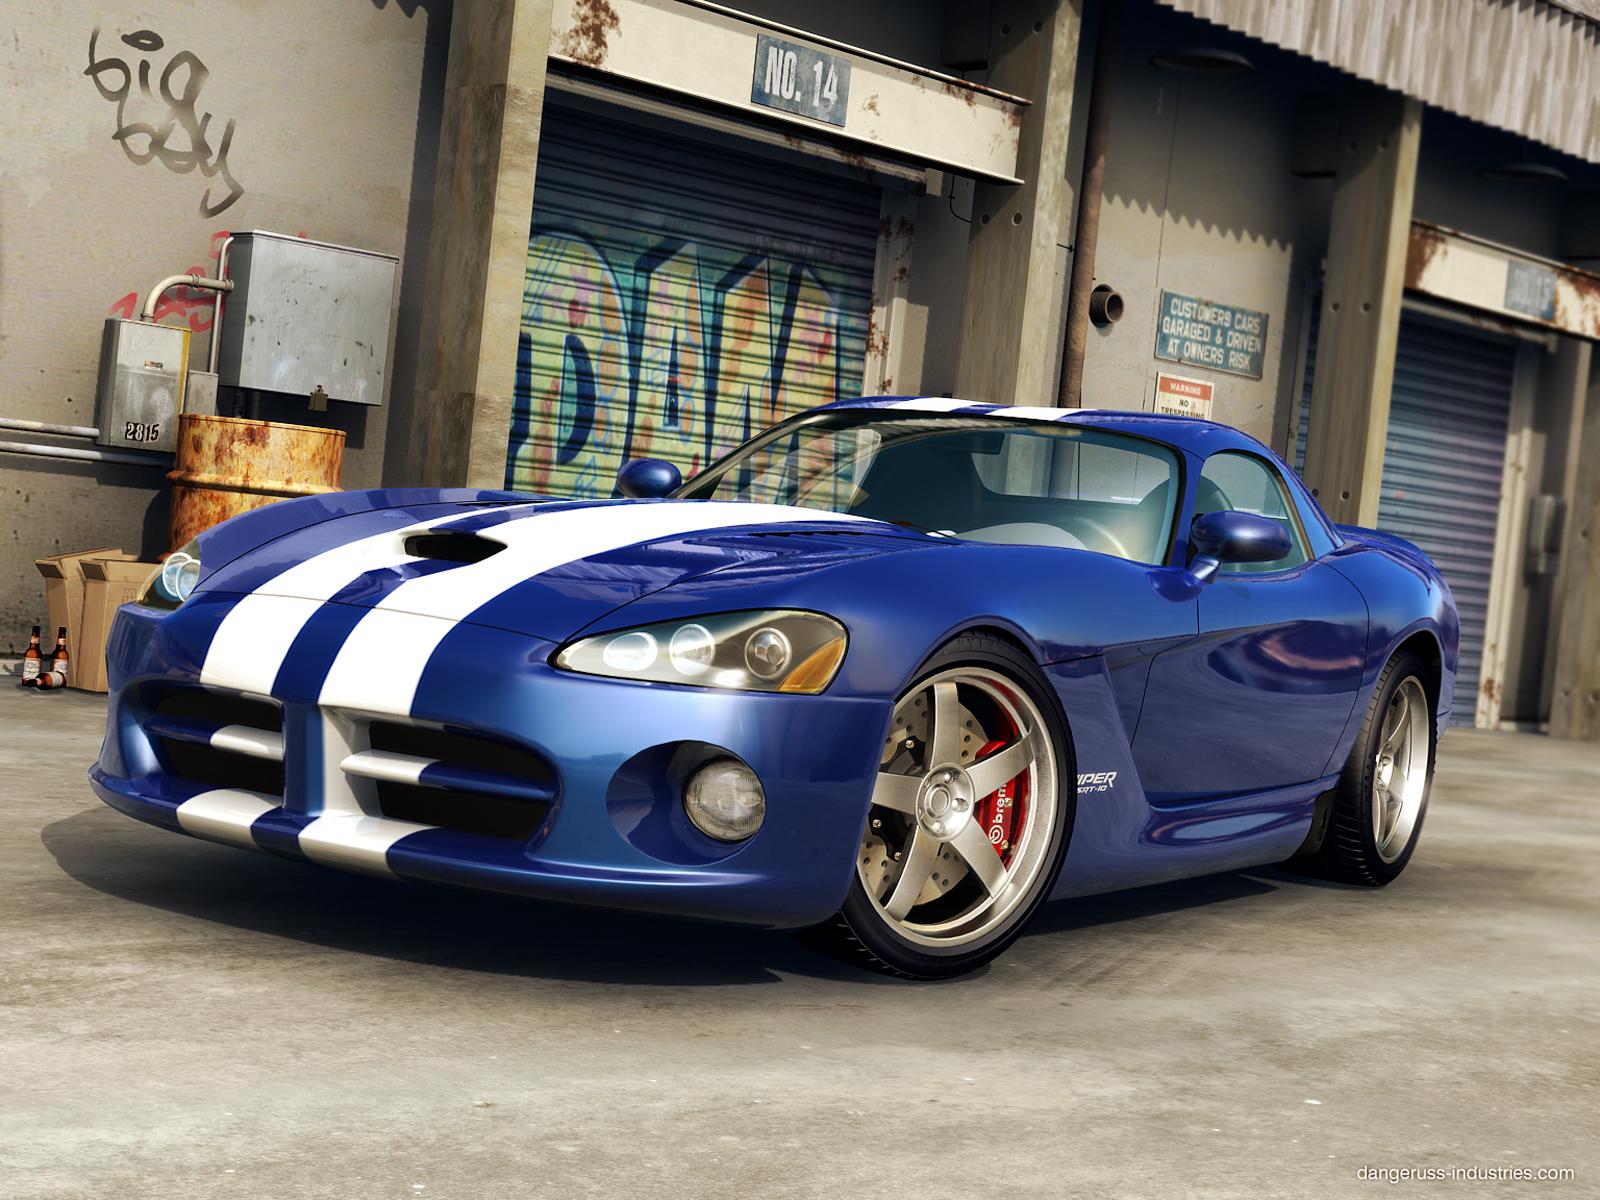 Cobra Kit Car >> Hd-Car wallpapers: cool car images